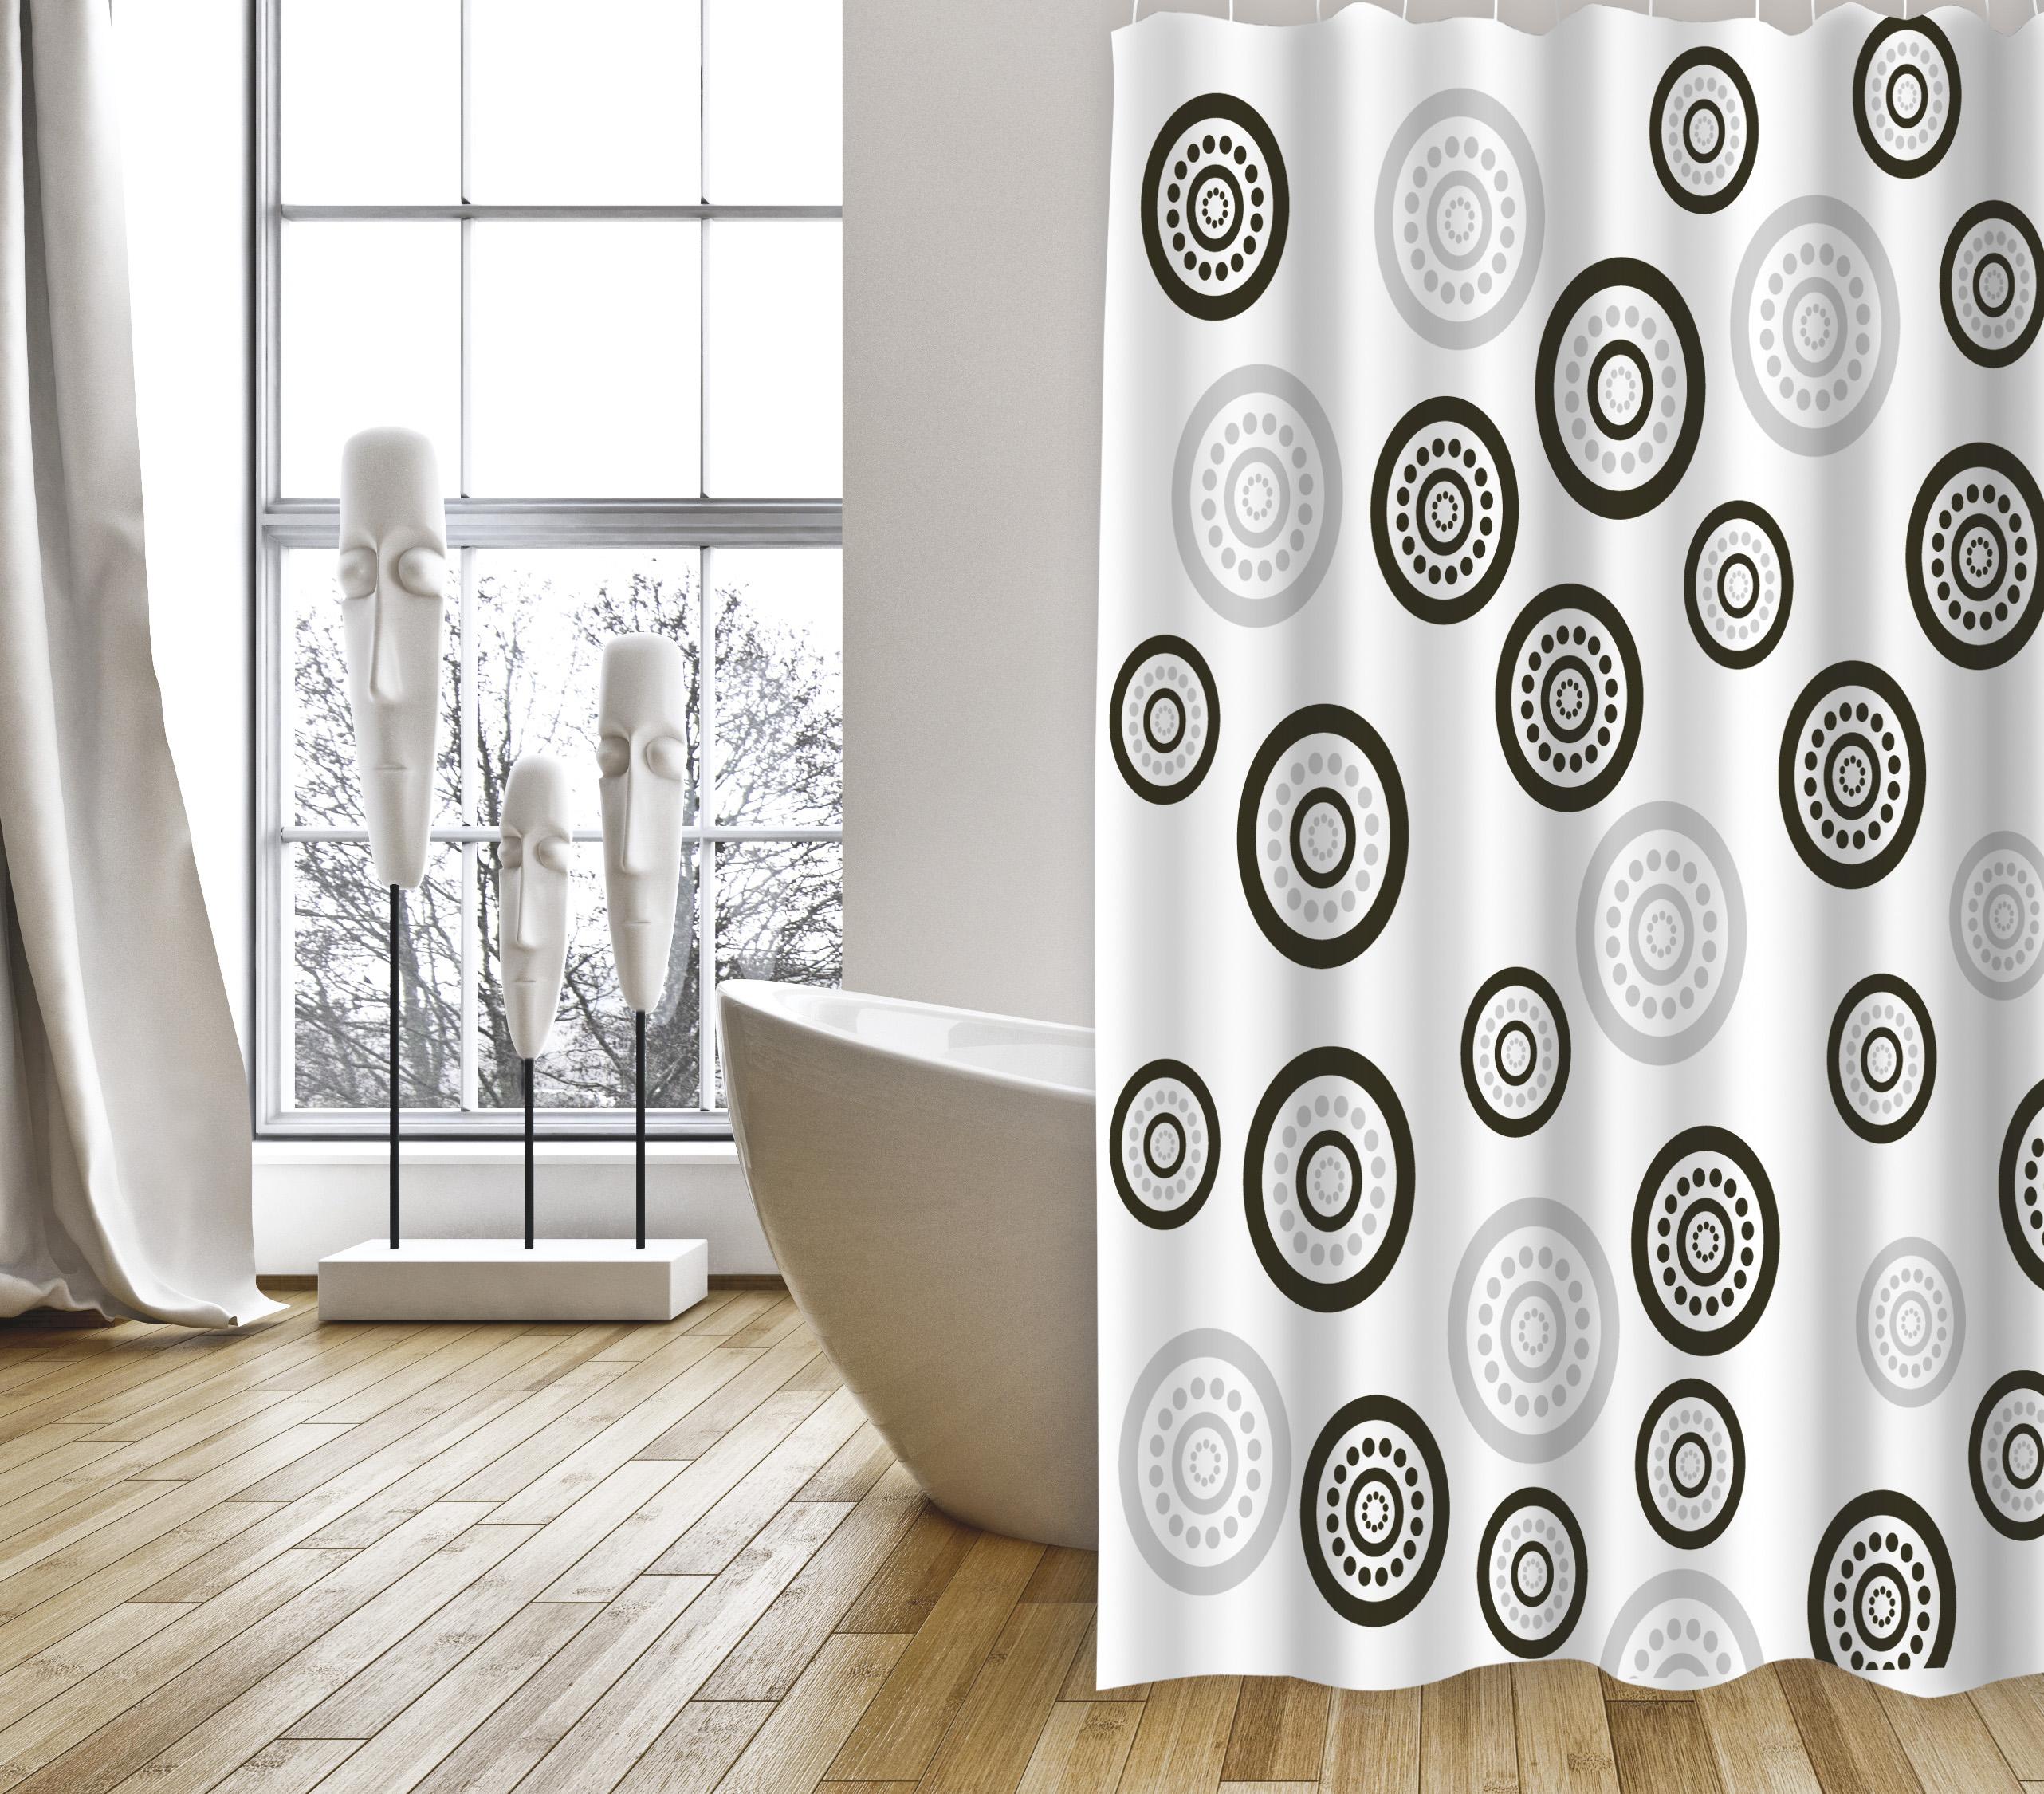 MSV Duschvorhang 180x200cm Anti Schimmel Textil Badewannenvorhang Wannenvorhang Kreise Schwarz